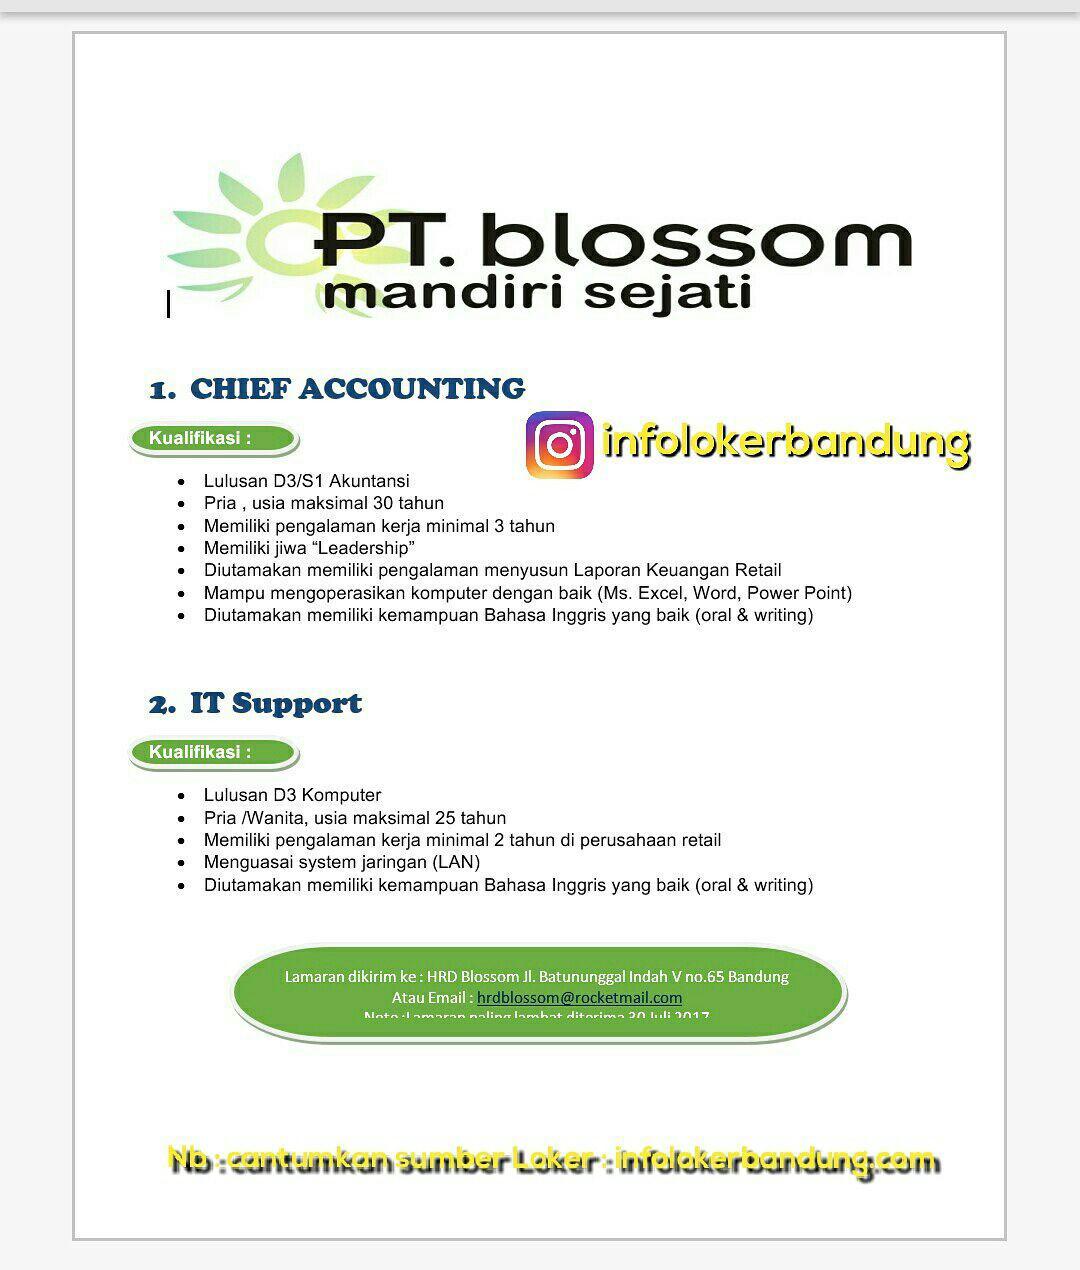 Lowongan Kerja Pt Blossom Mandiri Sejati Juli 2017 Info